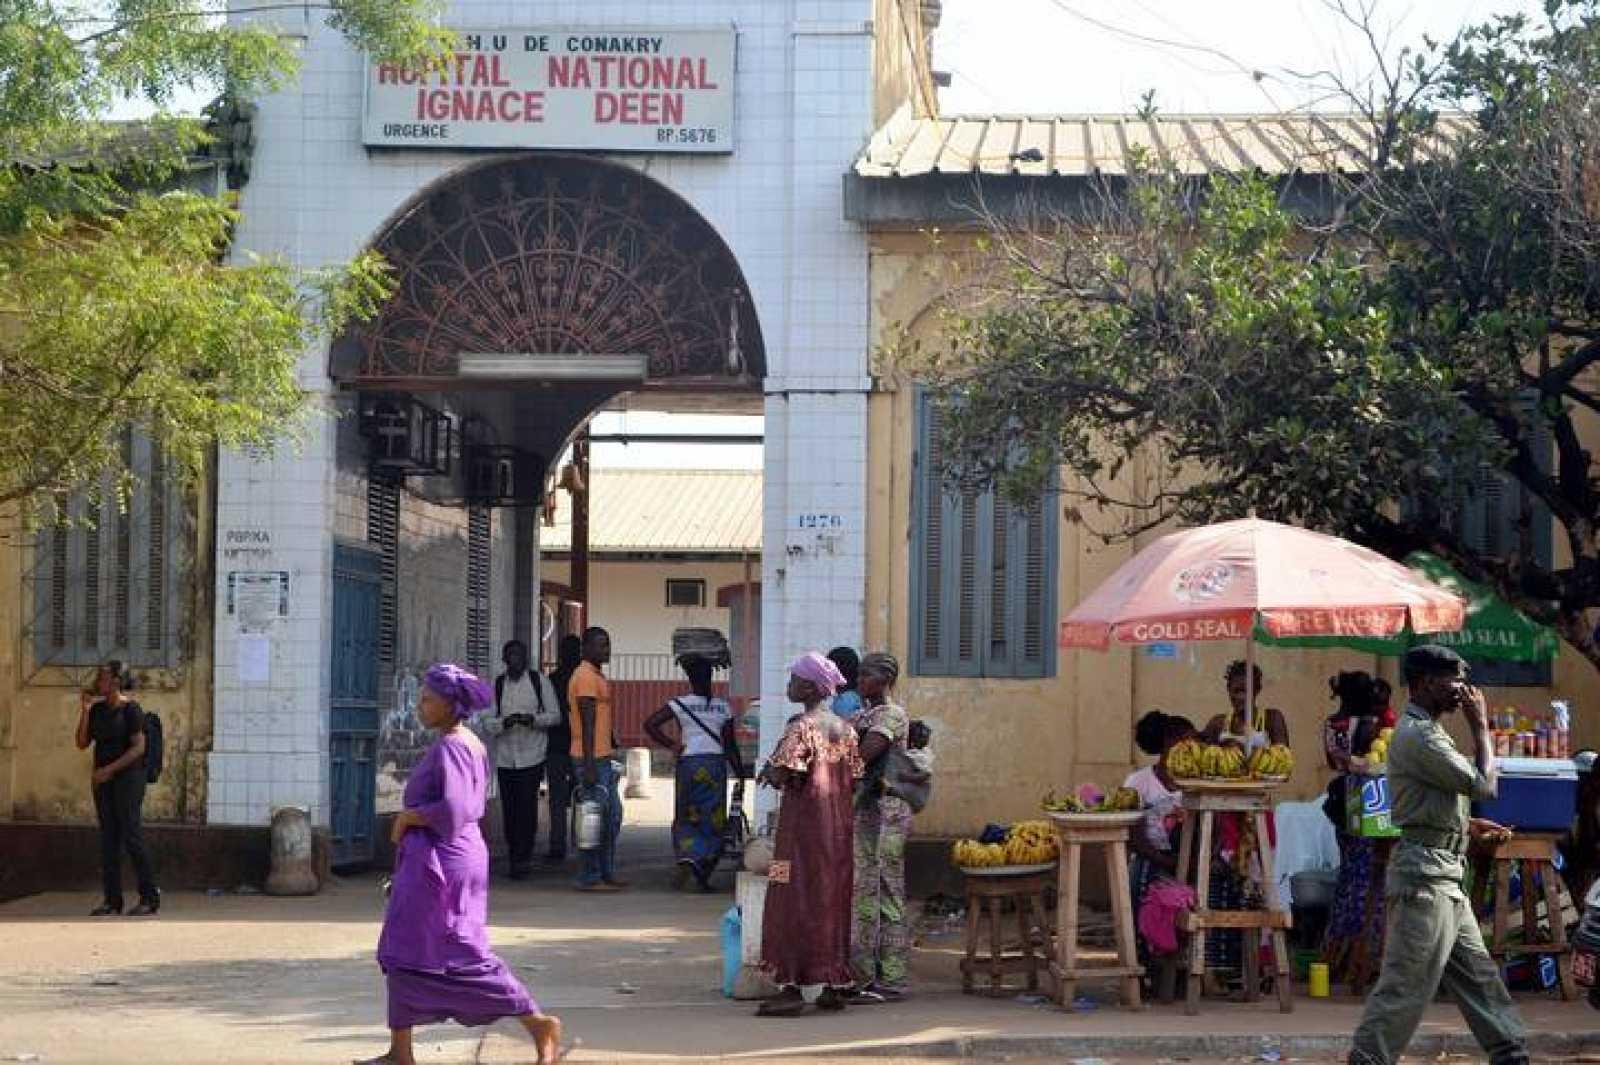 Hospital 'Ignace Deen', en Conakry, capital de Guinea